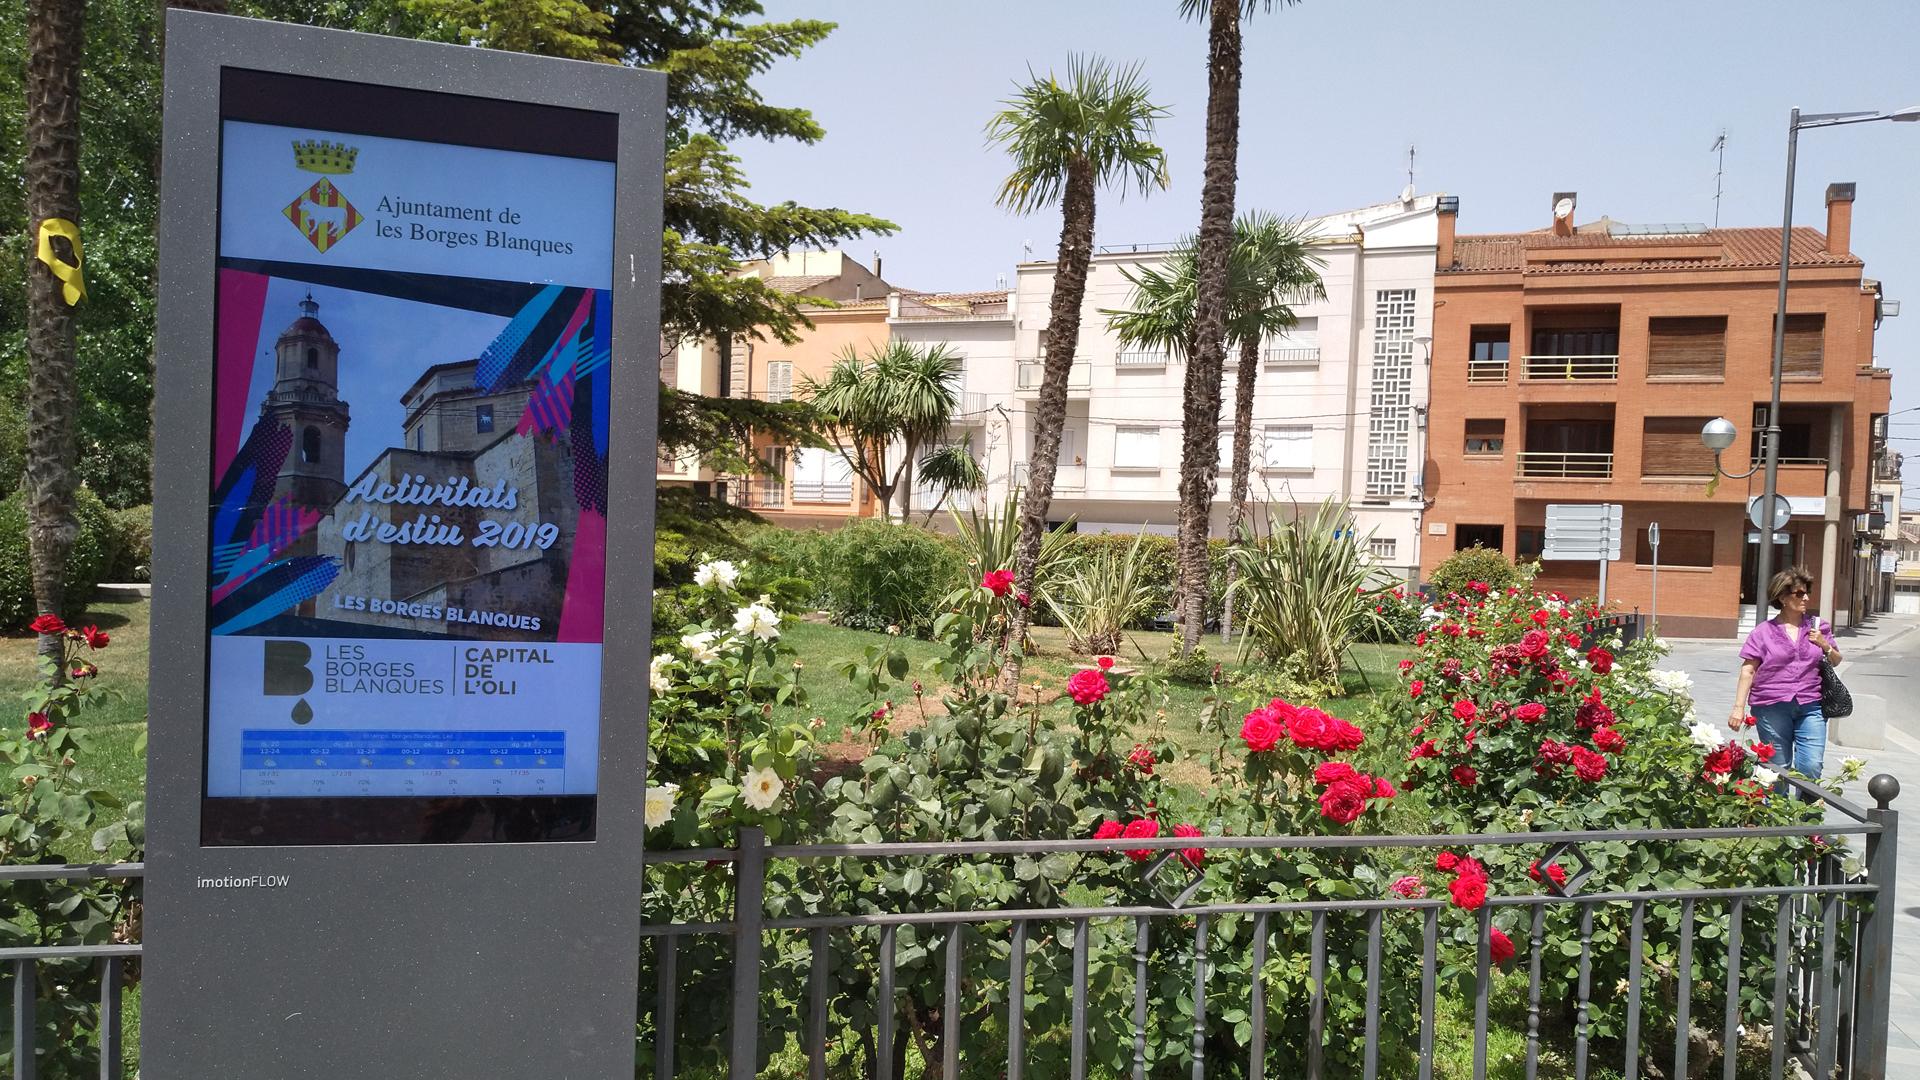 L'Ajuntament de les Borges instal·la un tòtem informatiu al Terrall